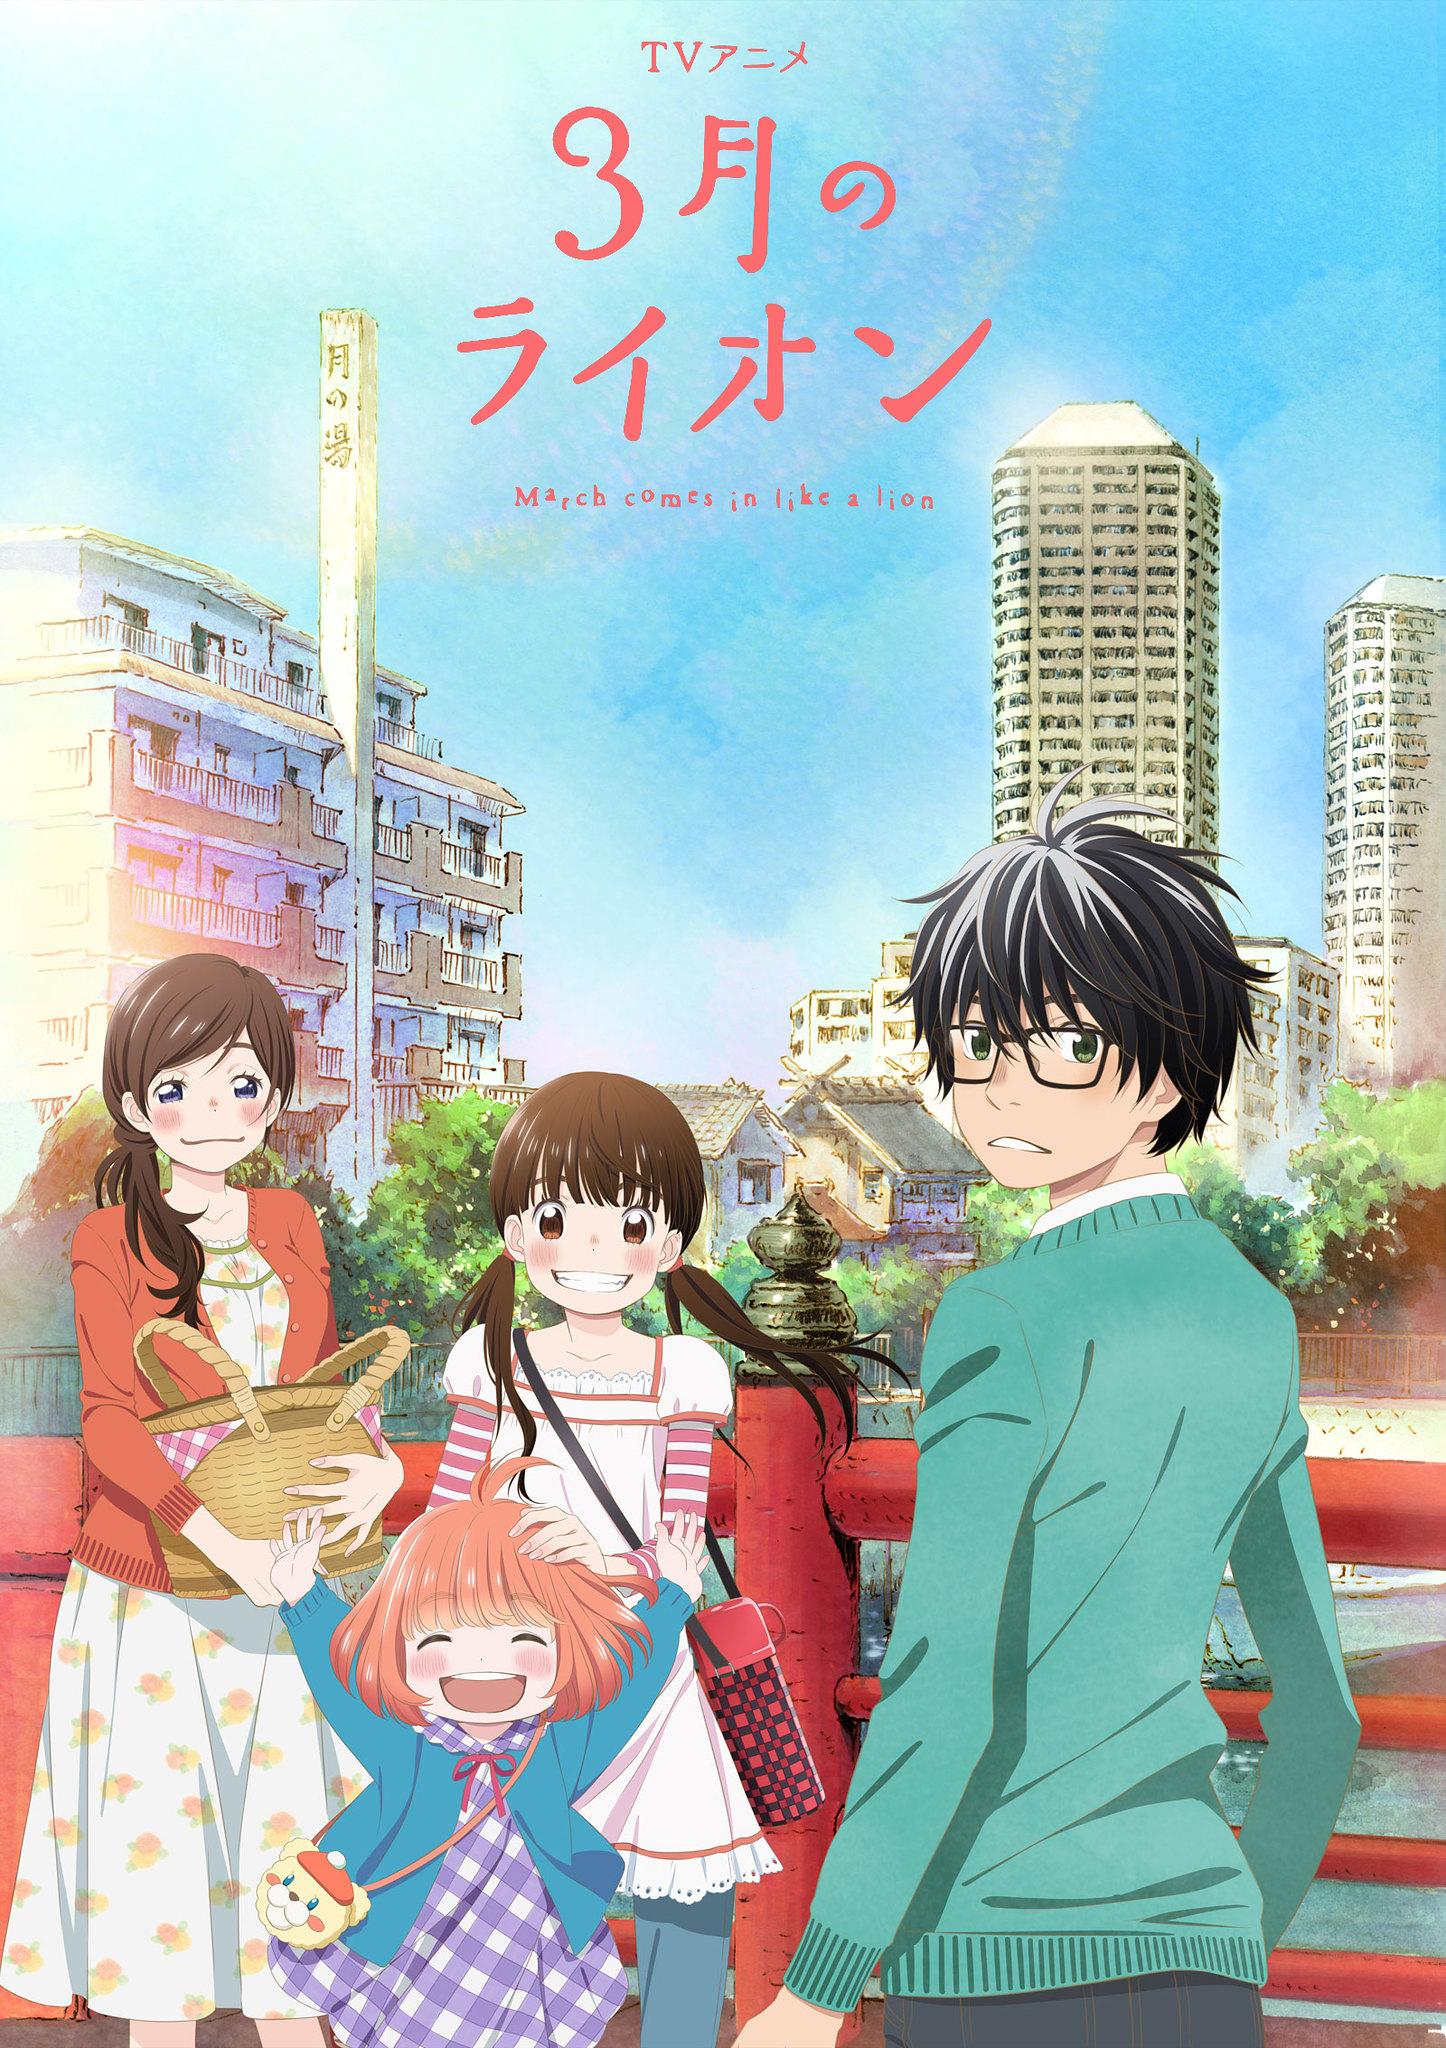 160326(2) -『偽戀×阿松』動畫團隊攜手打造NHK動畫《3月的獅子》發表第二張海報、鎖定秋天播出!